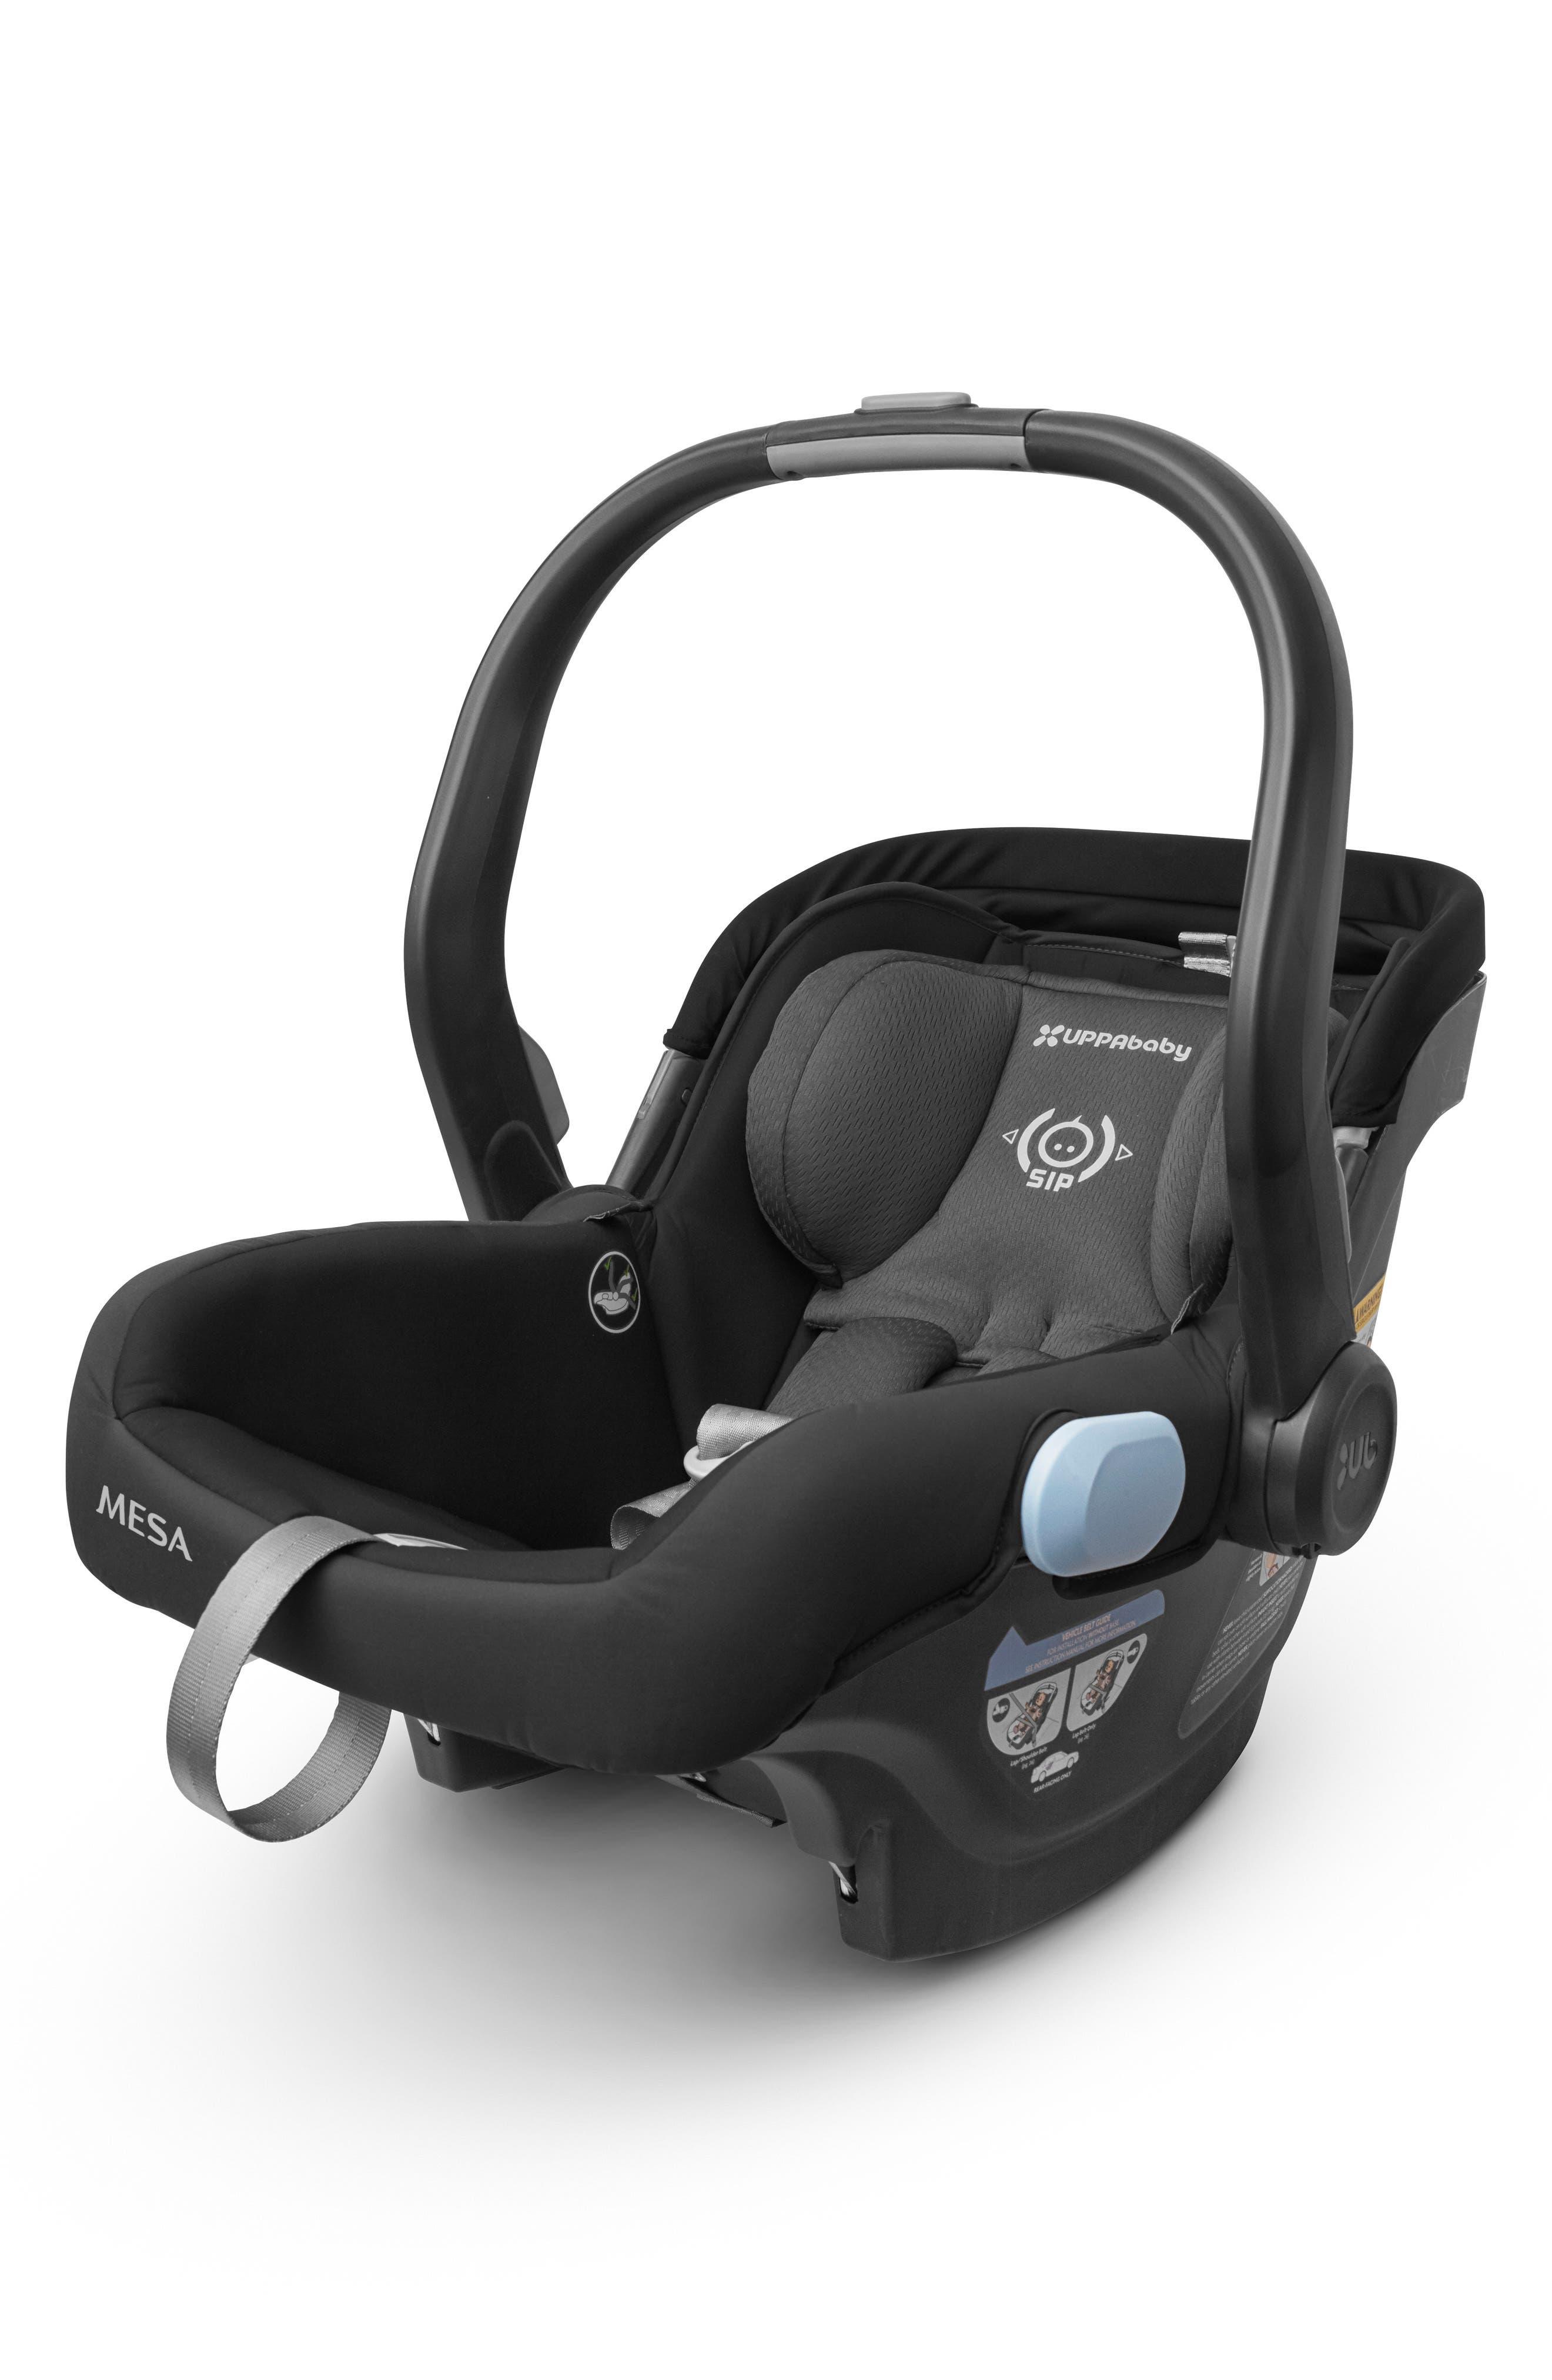 Main Image - UPPAbaby 2017 MESA Infant Car Seat